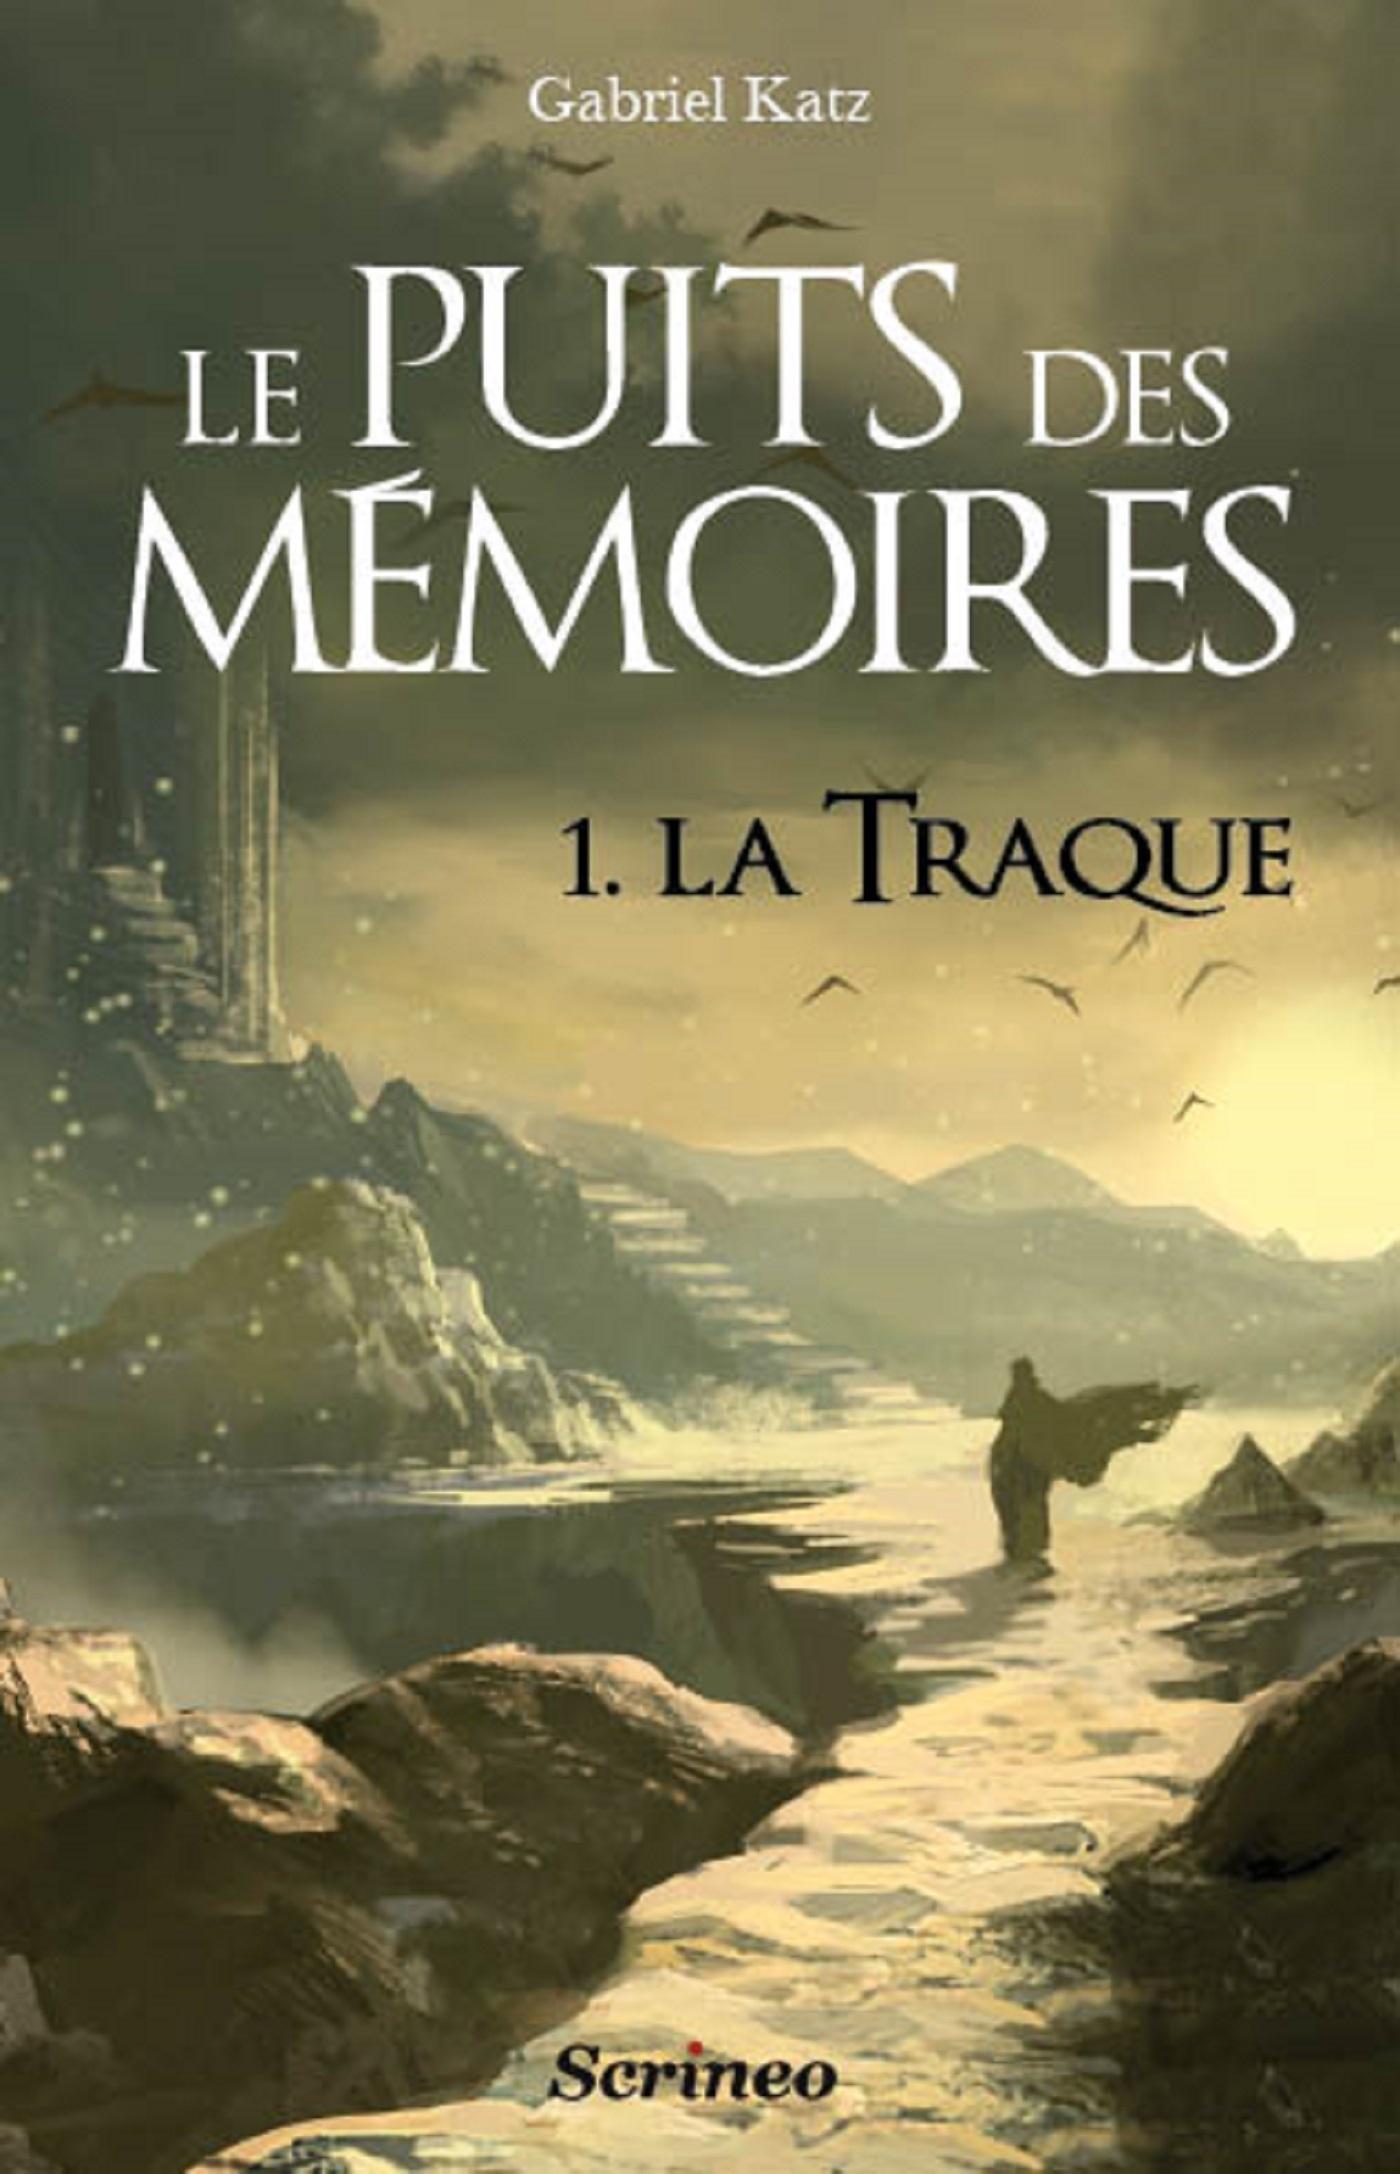 Le puits des mémoires - tome 01 - La traque